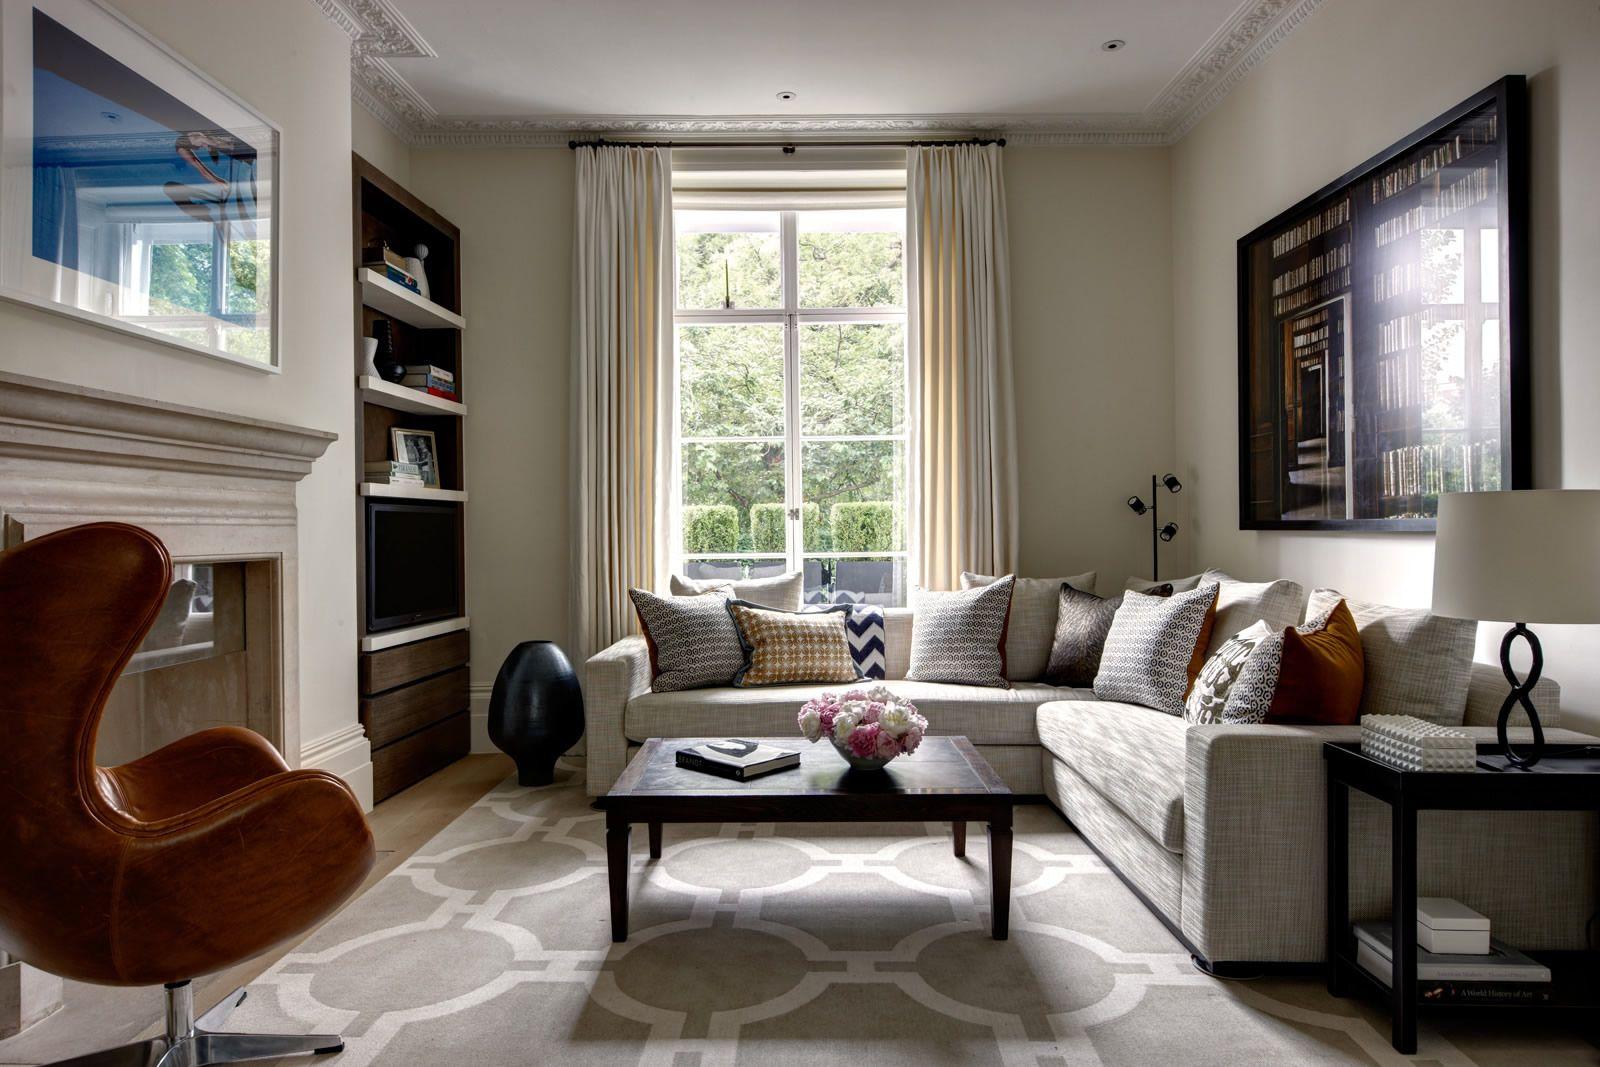 Classic Sofas Sofas For Living Room Sofas Design Trends  # Daquino Muebles